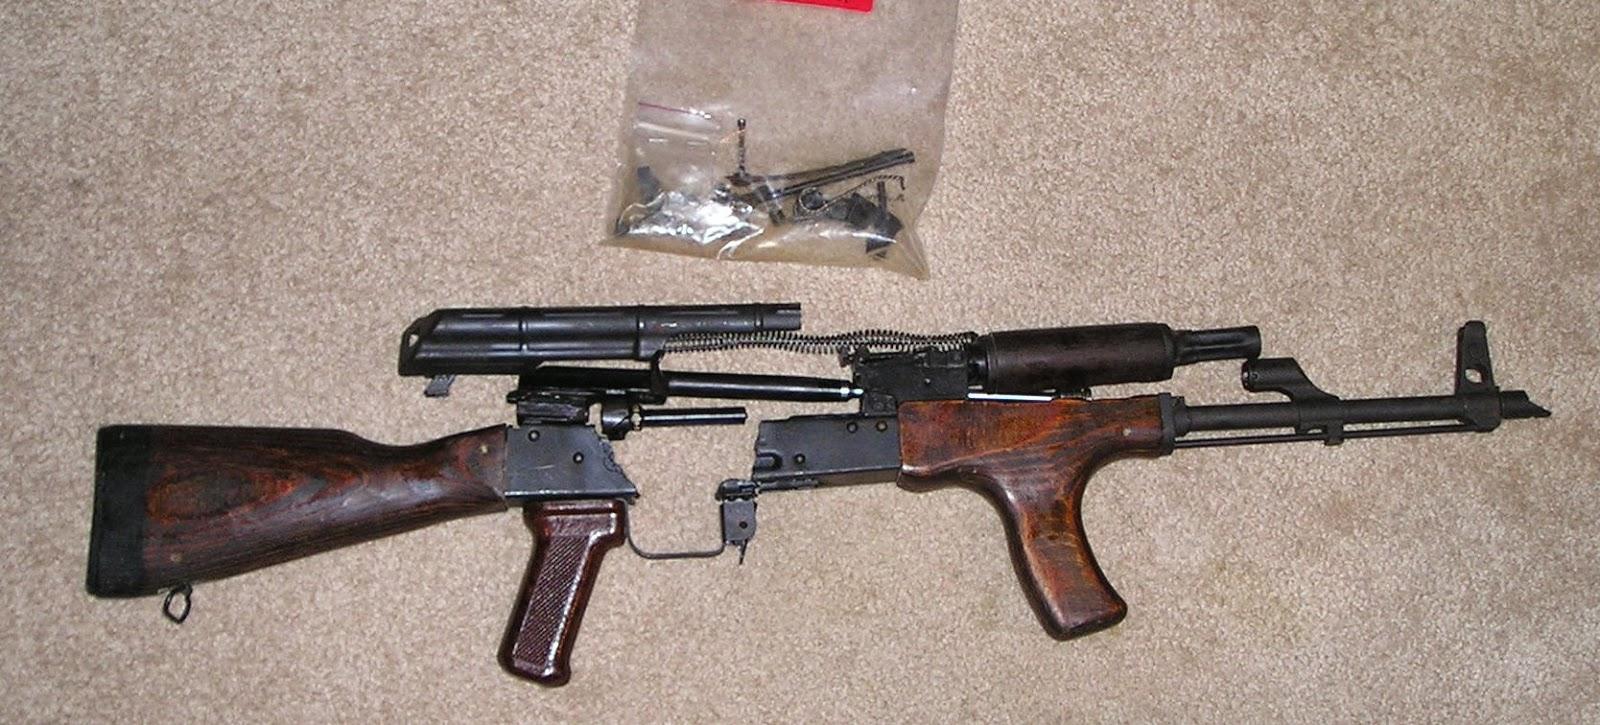 TINCANBANDIT's Gunsmithing: AK-47